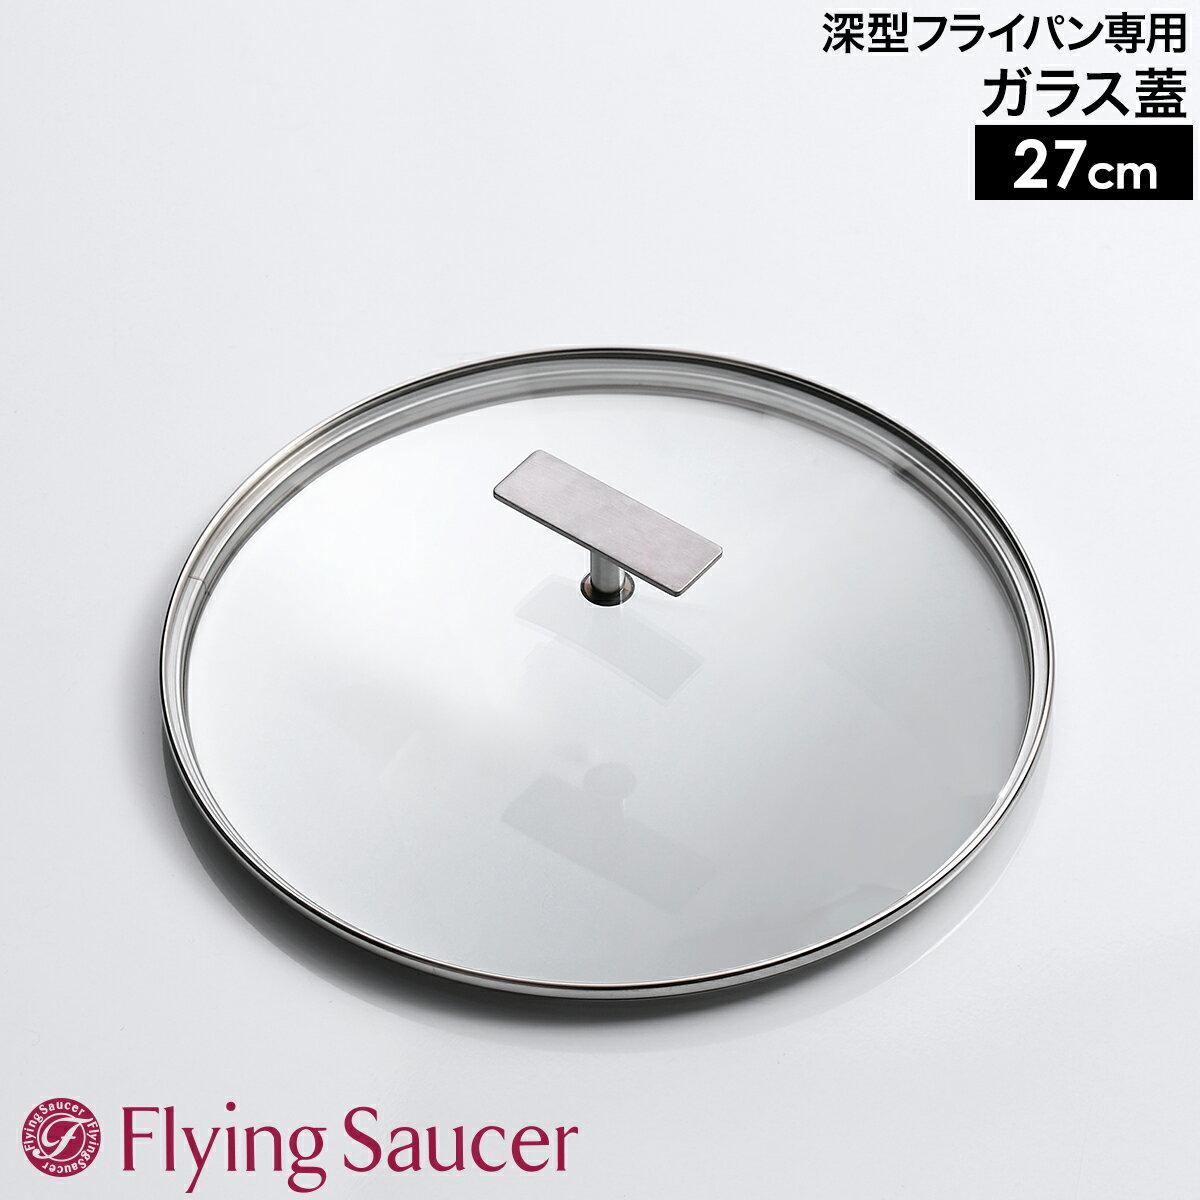 鍋・フライパン, 鍋蓋  27 Flying Saucer 27cm